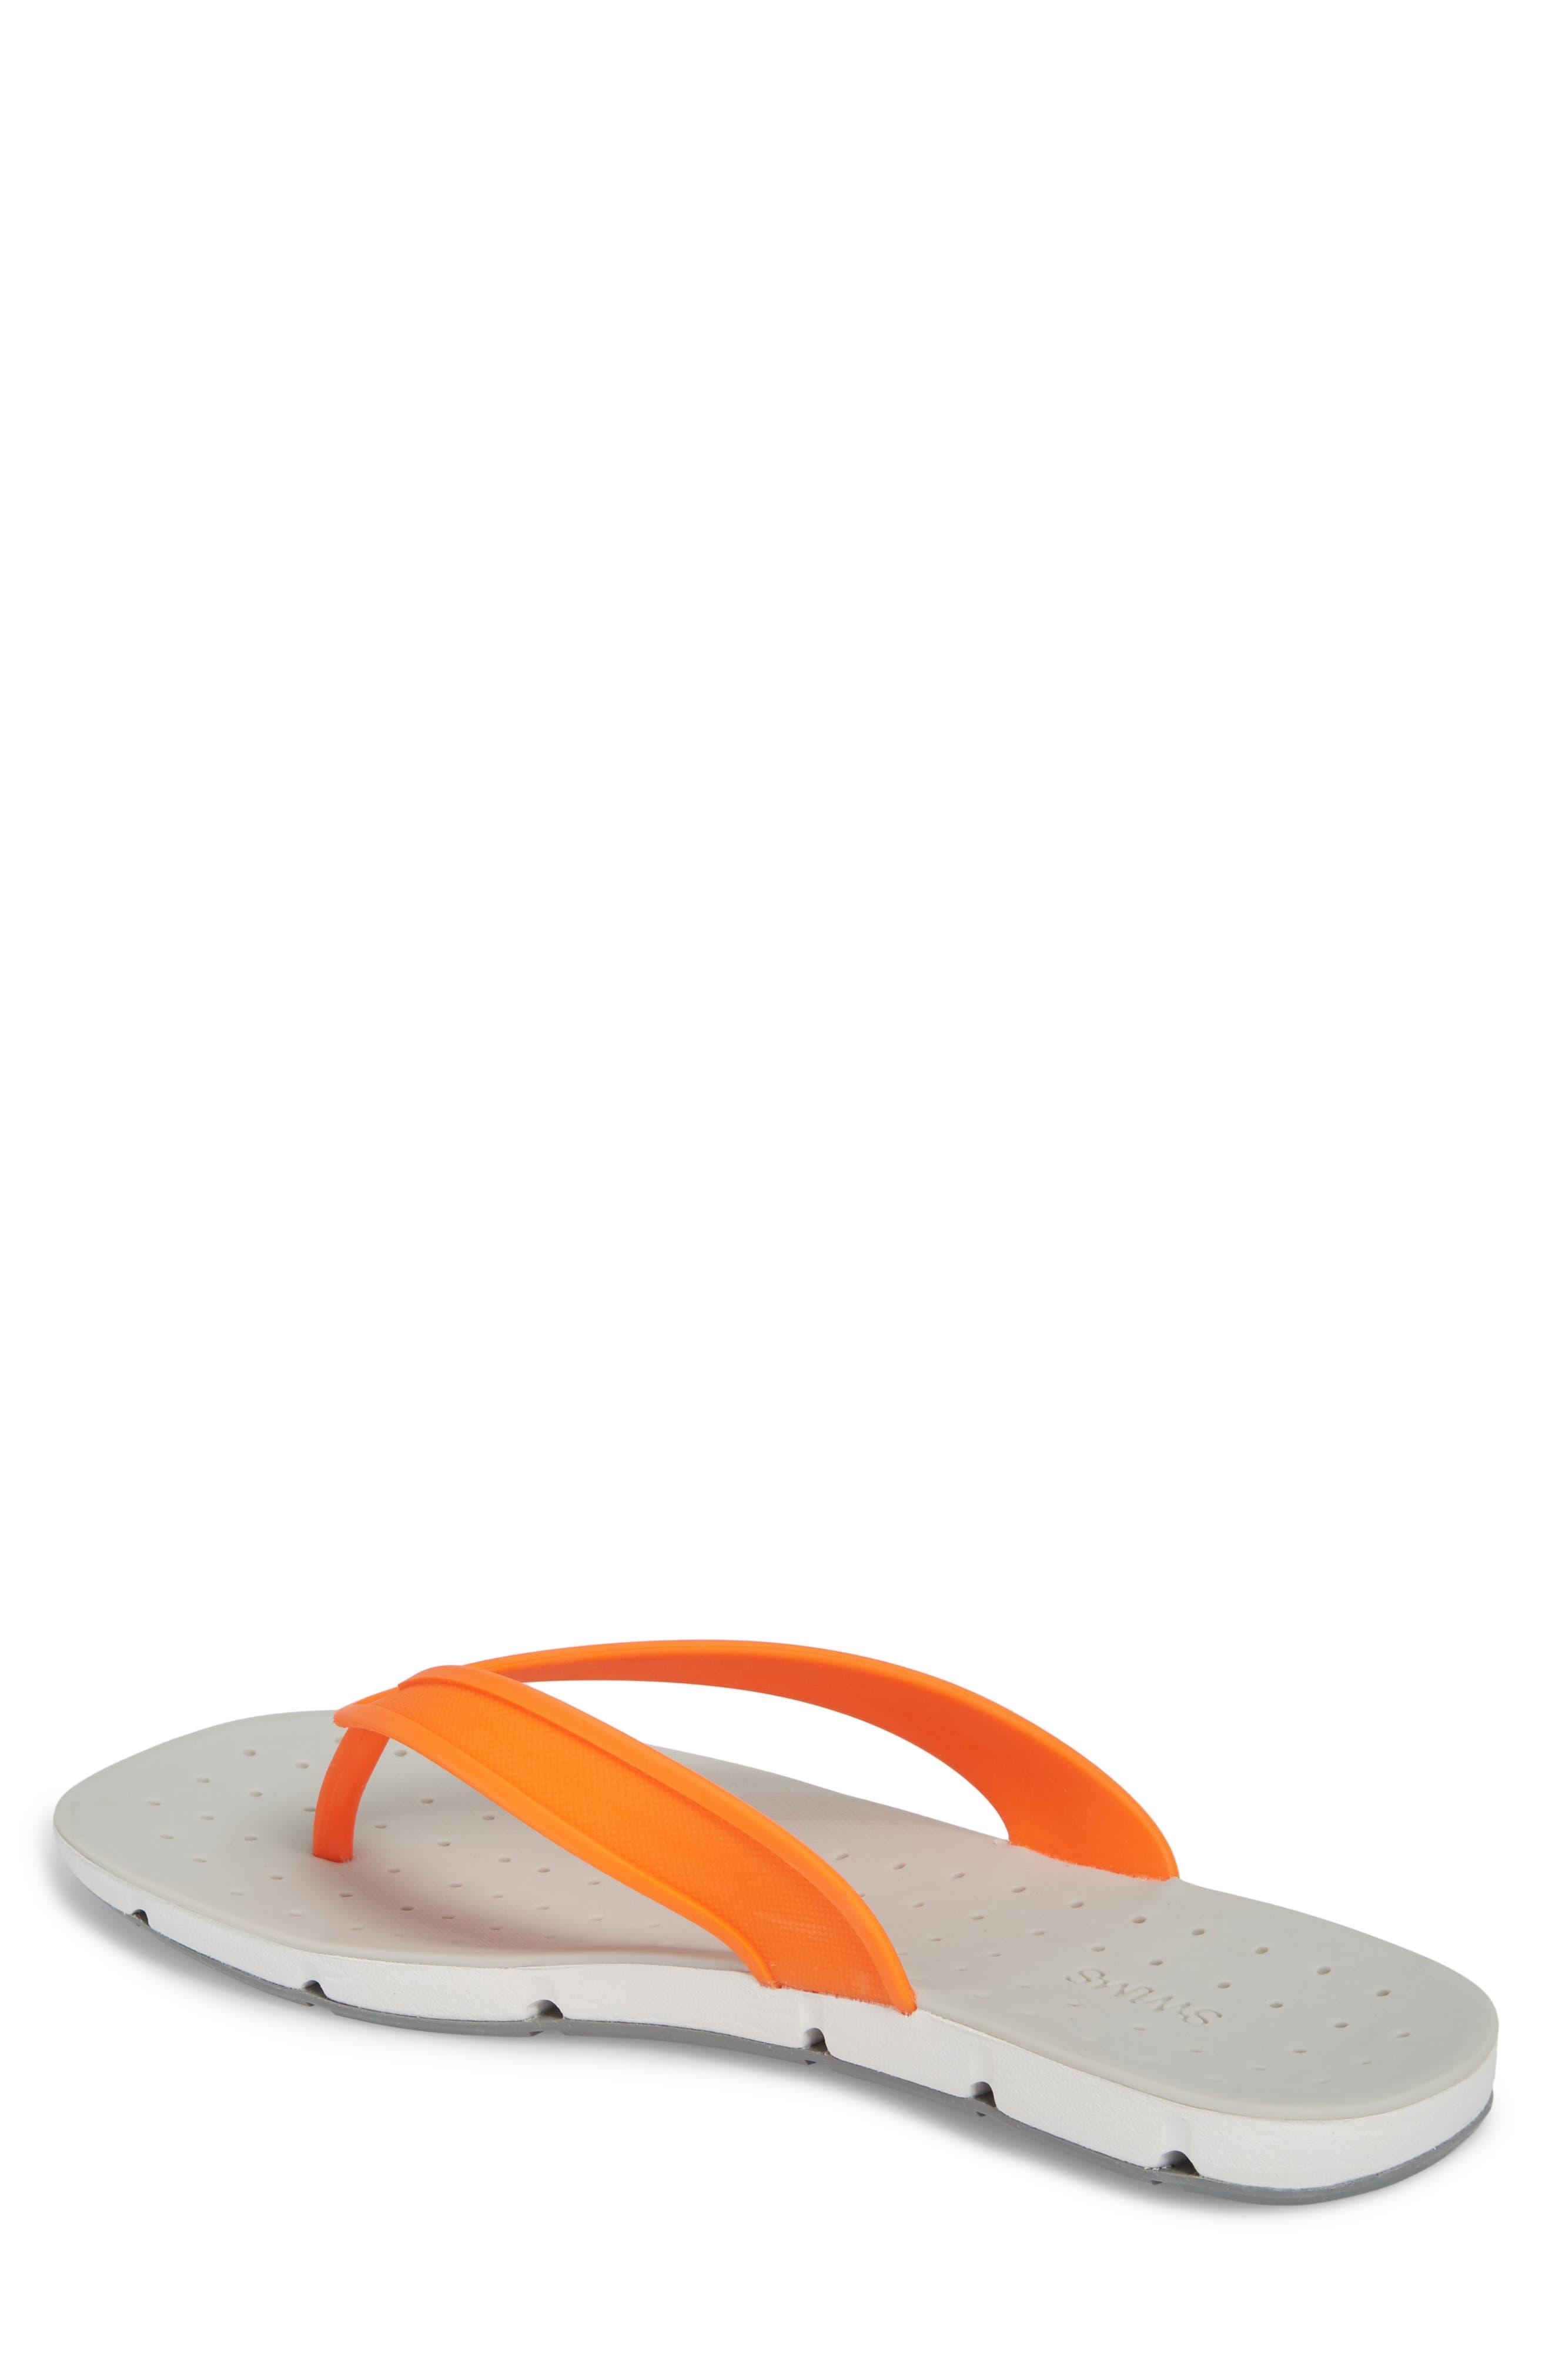 Breeze Flip Flop,                             Alternate thumbnail 2, color,                             Orange/ White/ Grey Fabric